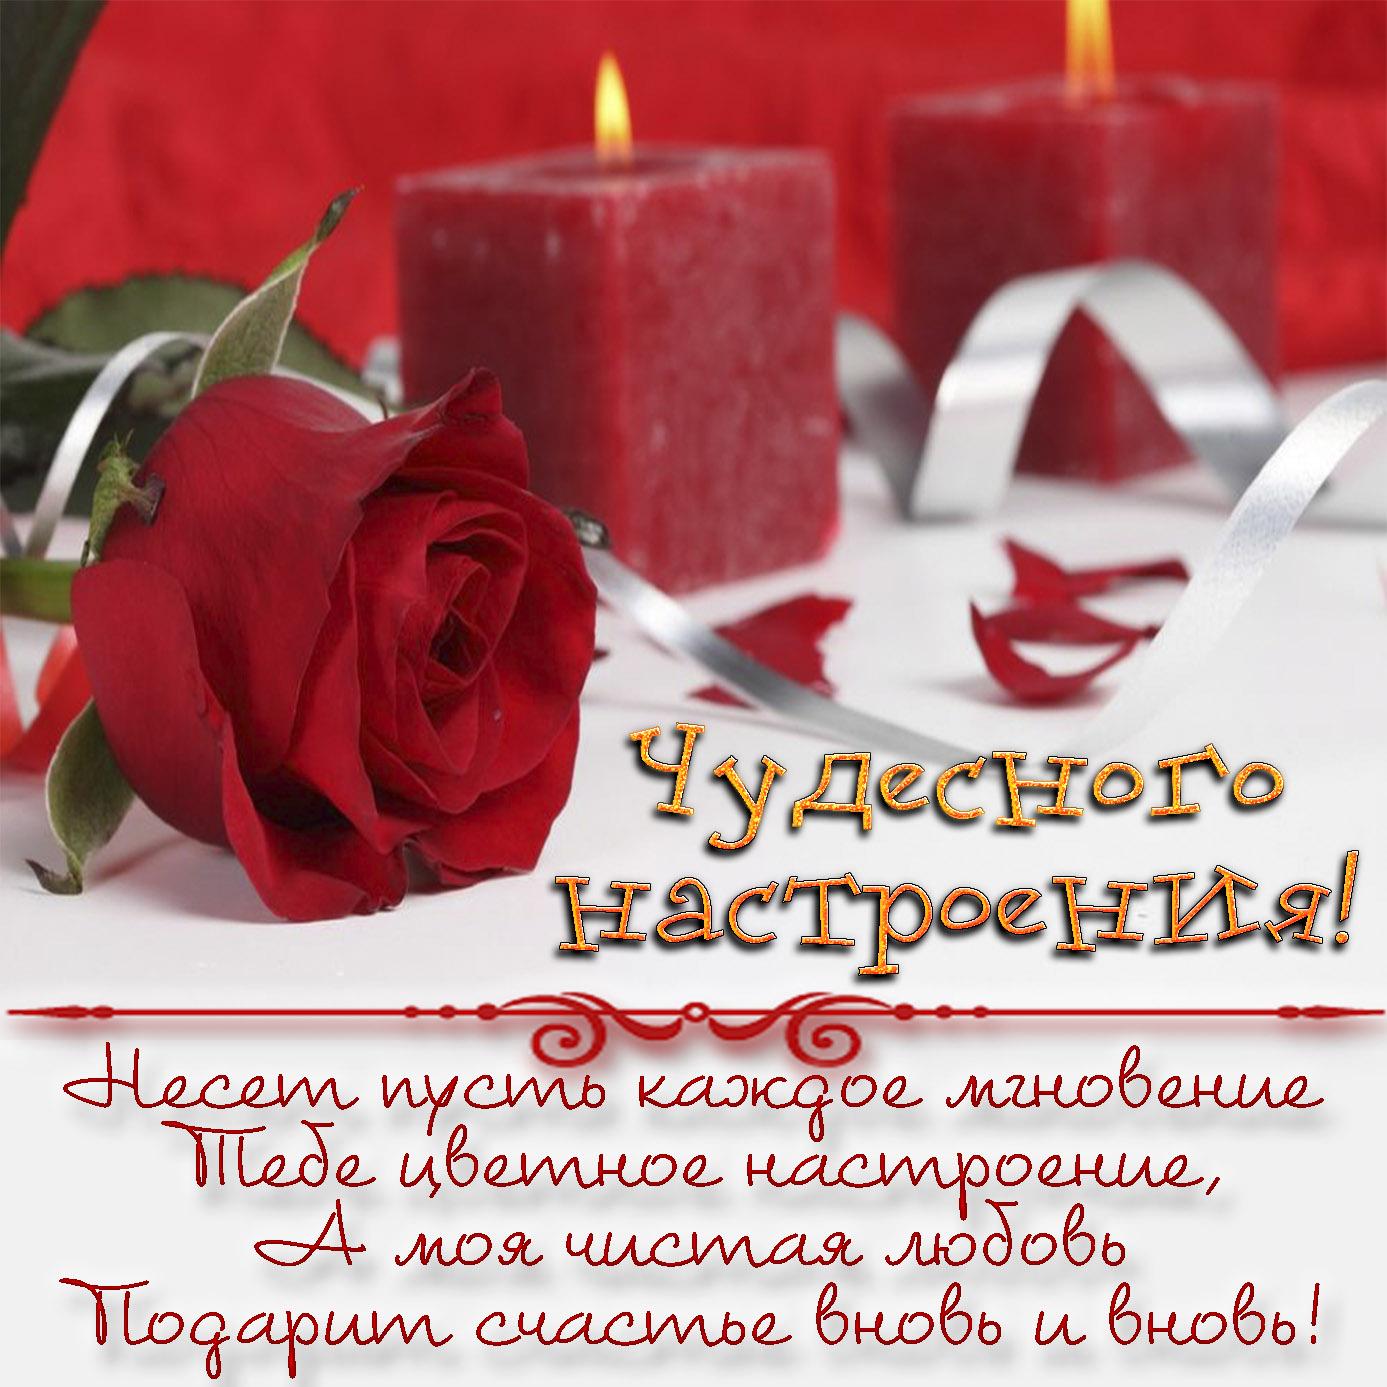 Картинка с розой на фоне красных свечей